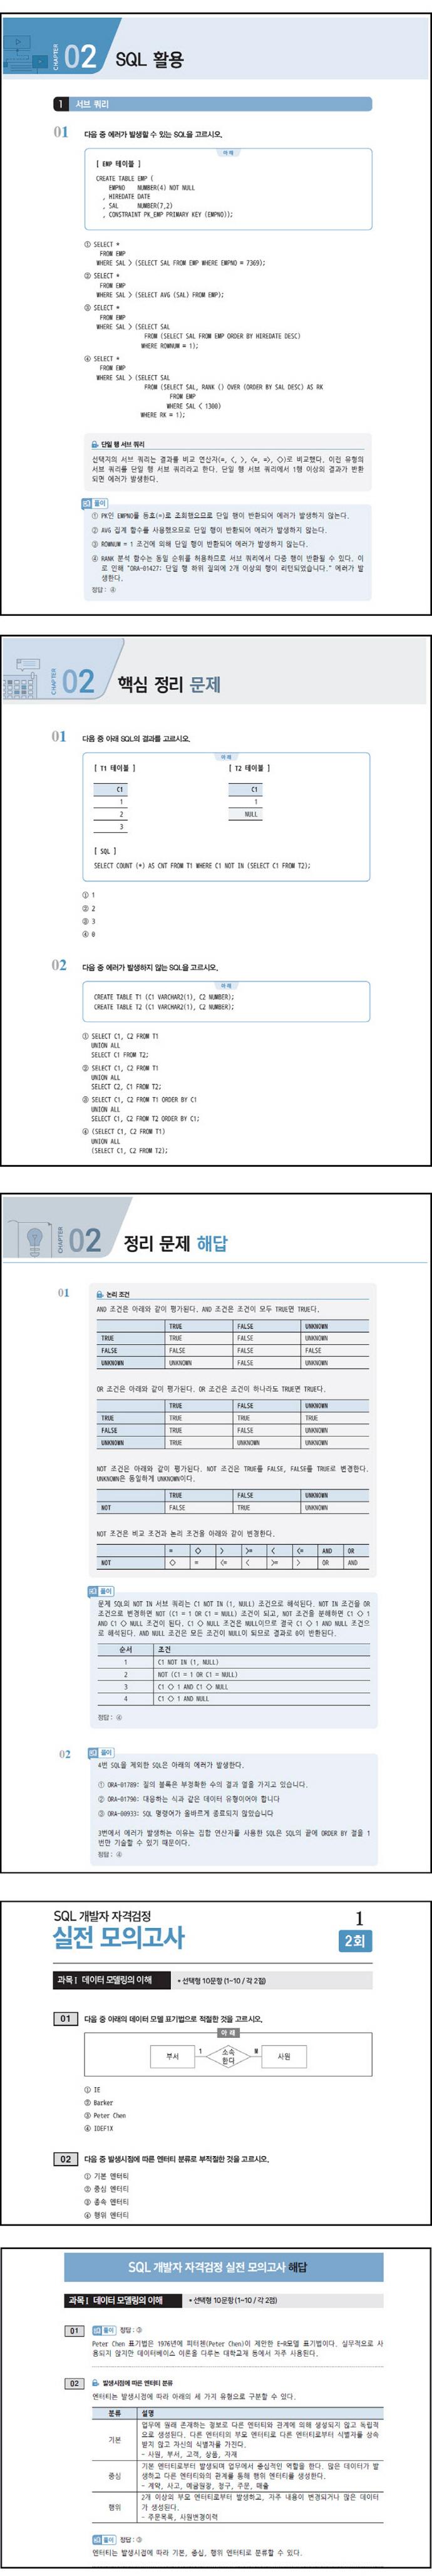 국가공인 SQLD 자격검정 핵심노트 도서 상세이미지